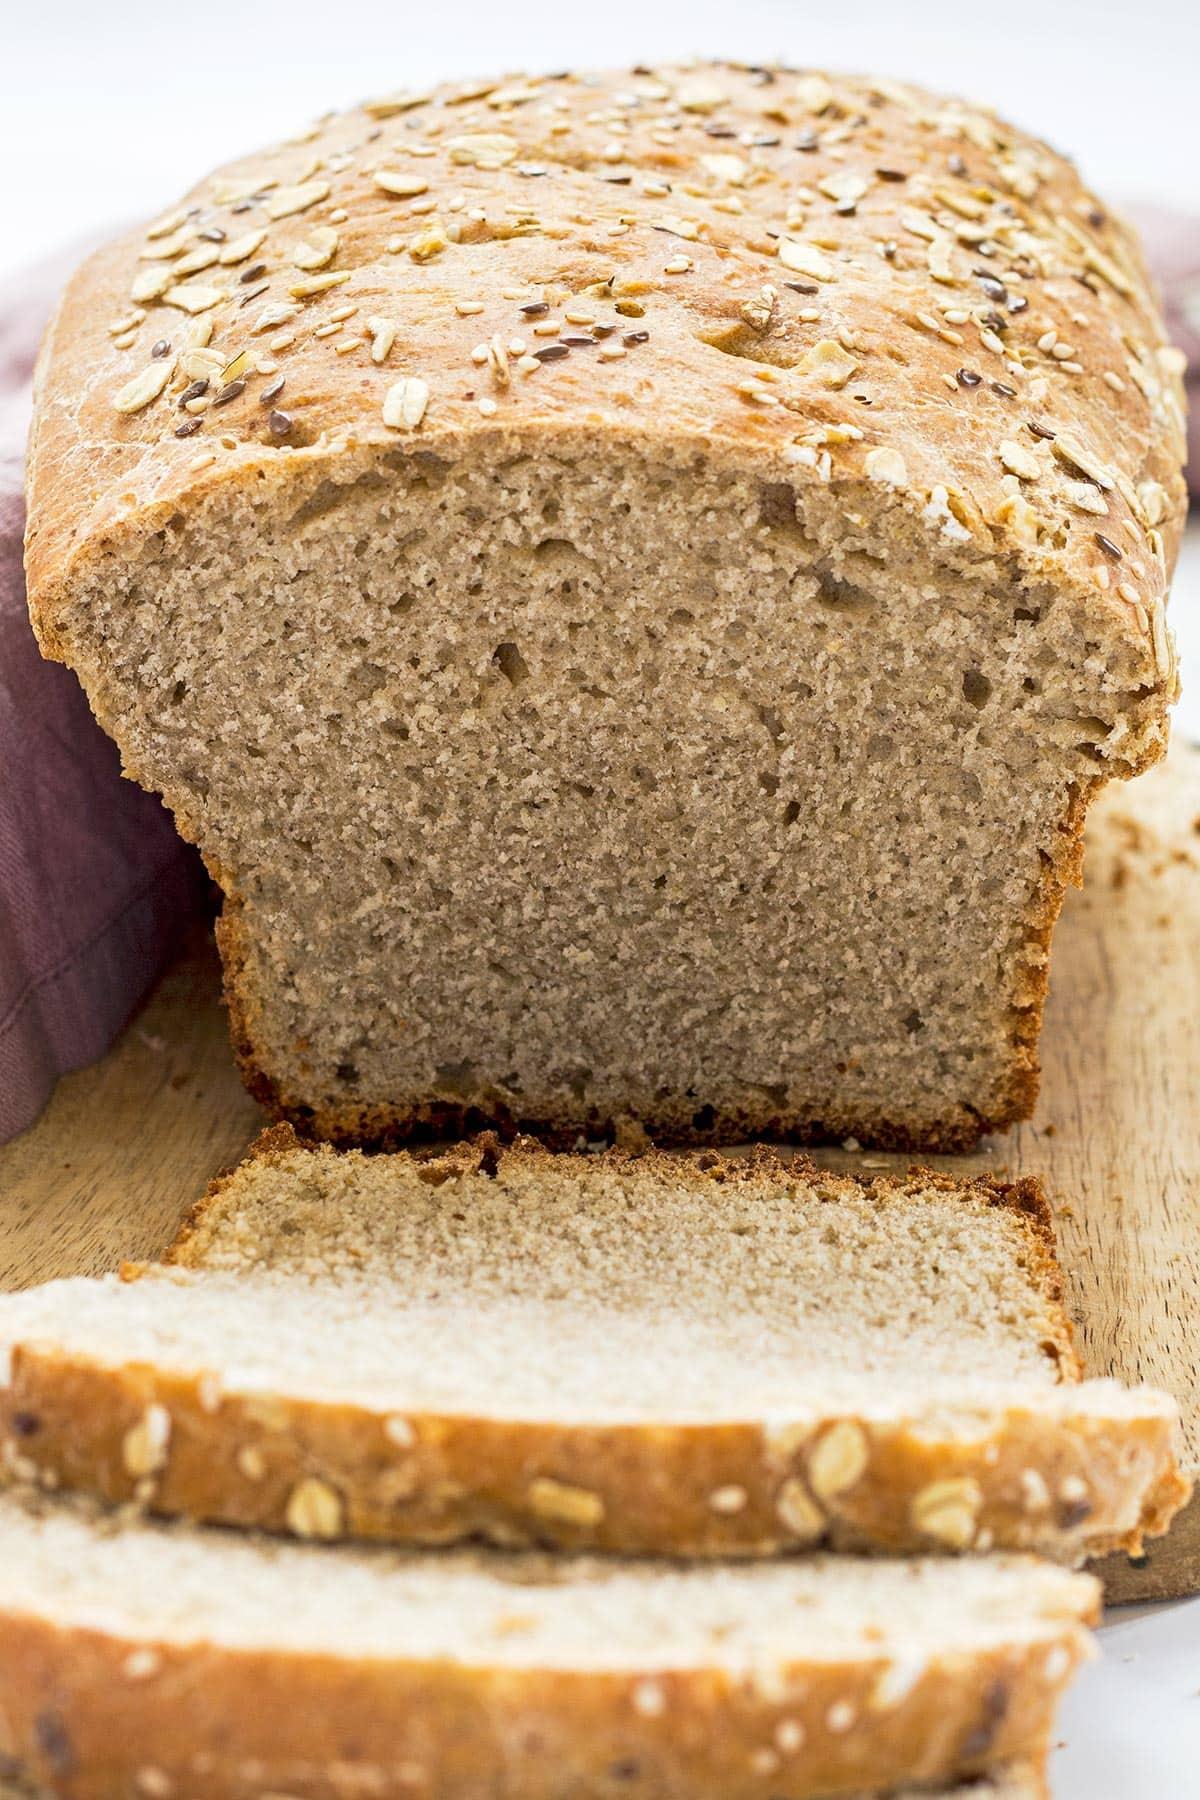 Sliced Sourdough Bread Loaf